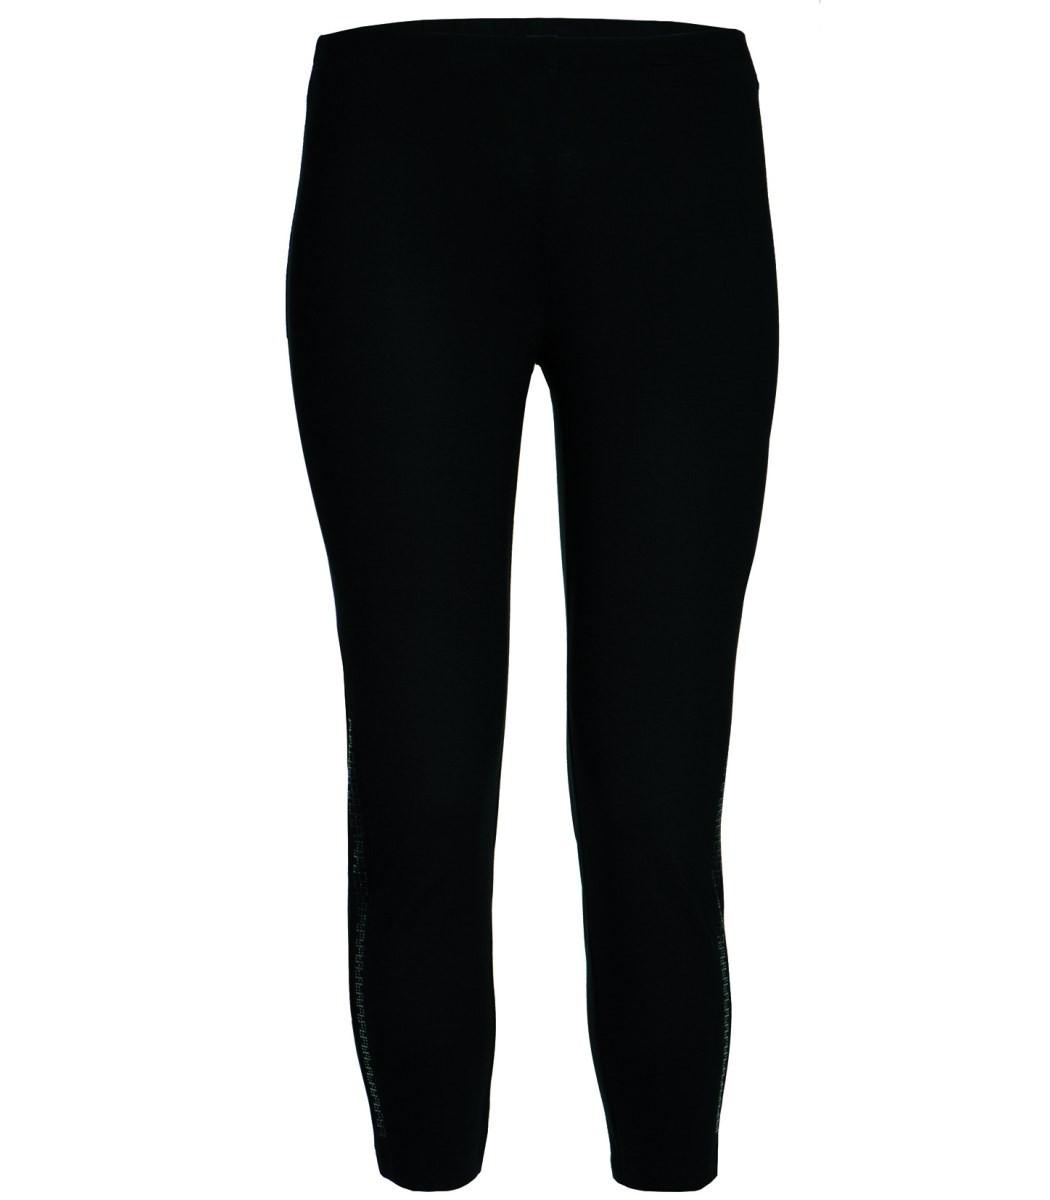 damen xxl leggings von chalou in schwarz mit strass. Black Bedroom Furniture Sets. Home Design Ideas